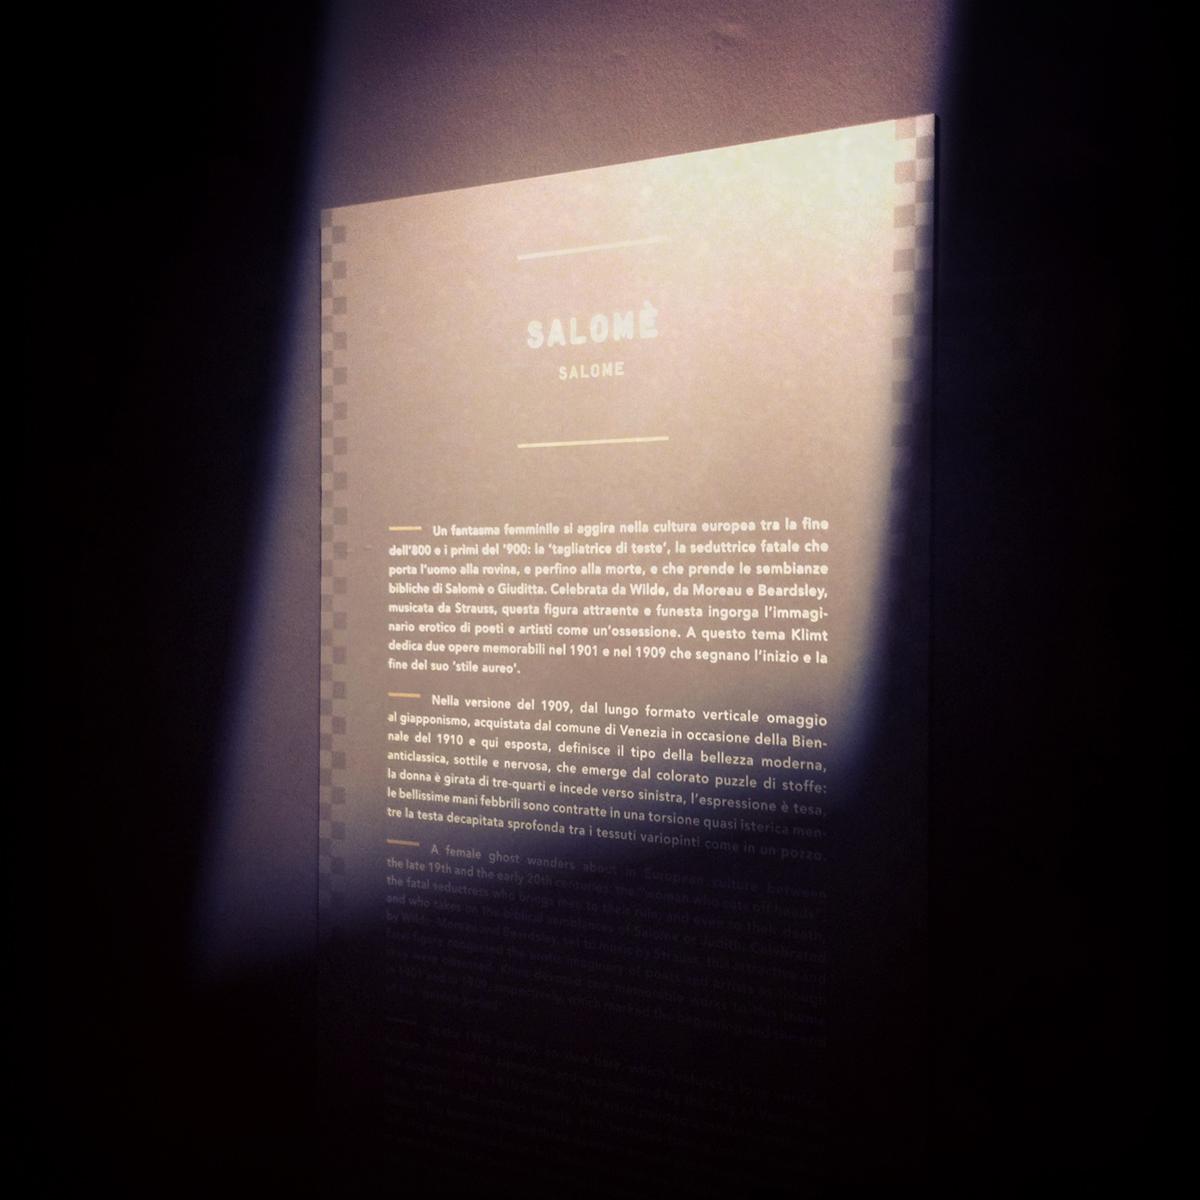 KlimtAlle-Origini-di-un-Mito-002